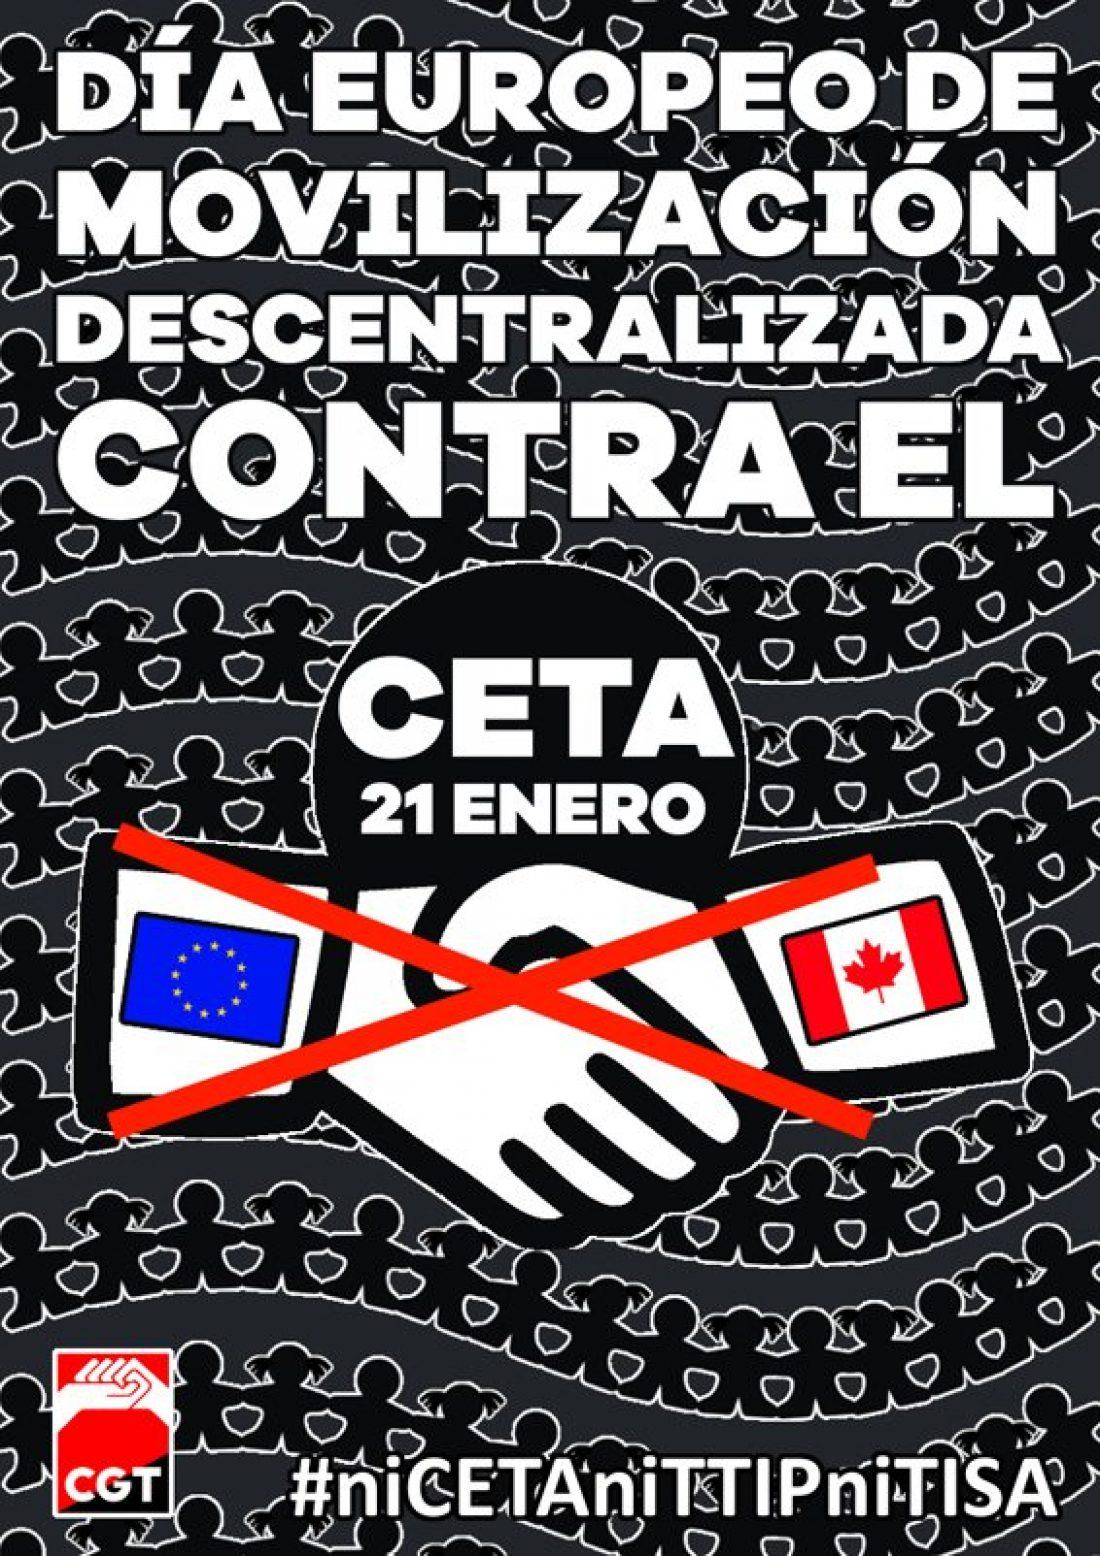 21-E: Día europeo de acciones descentralizadas contra el CETA